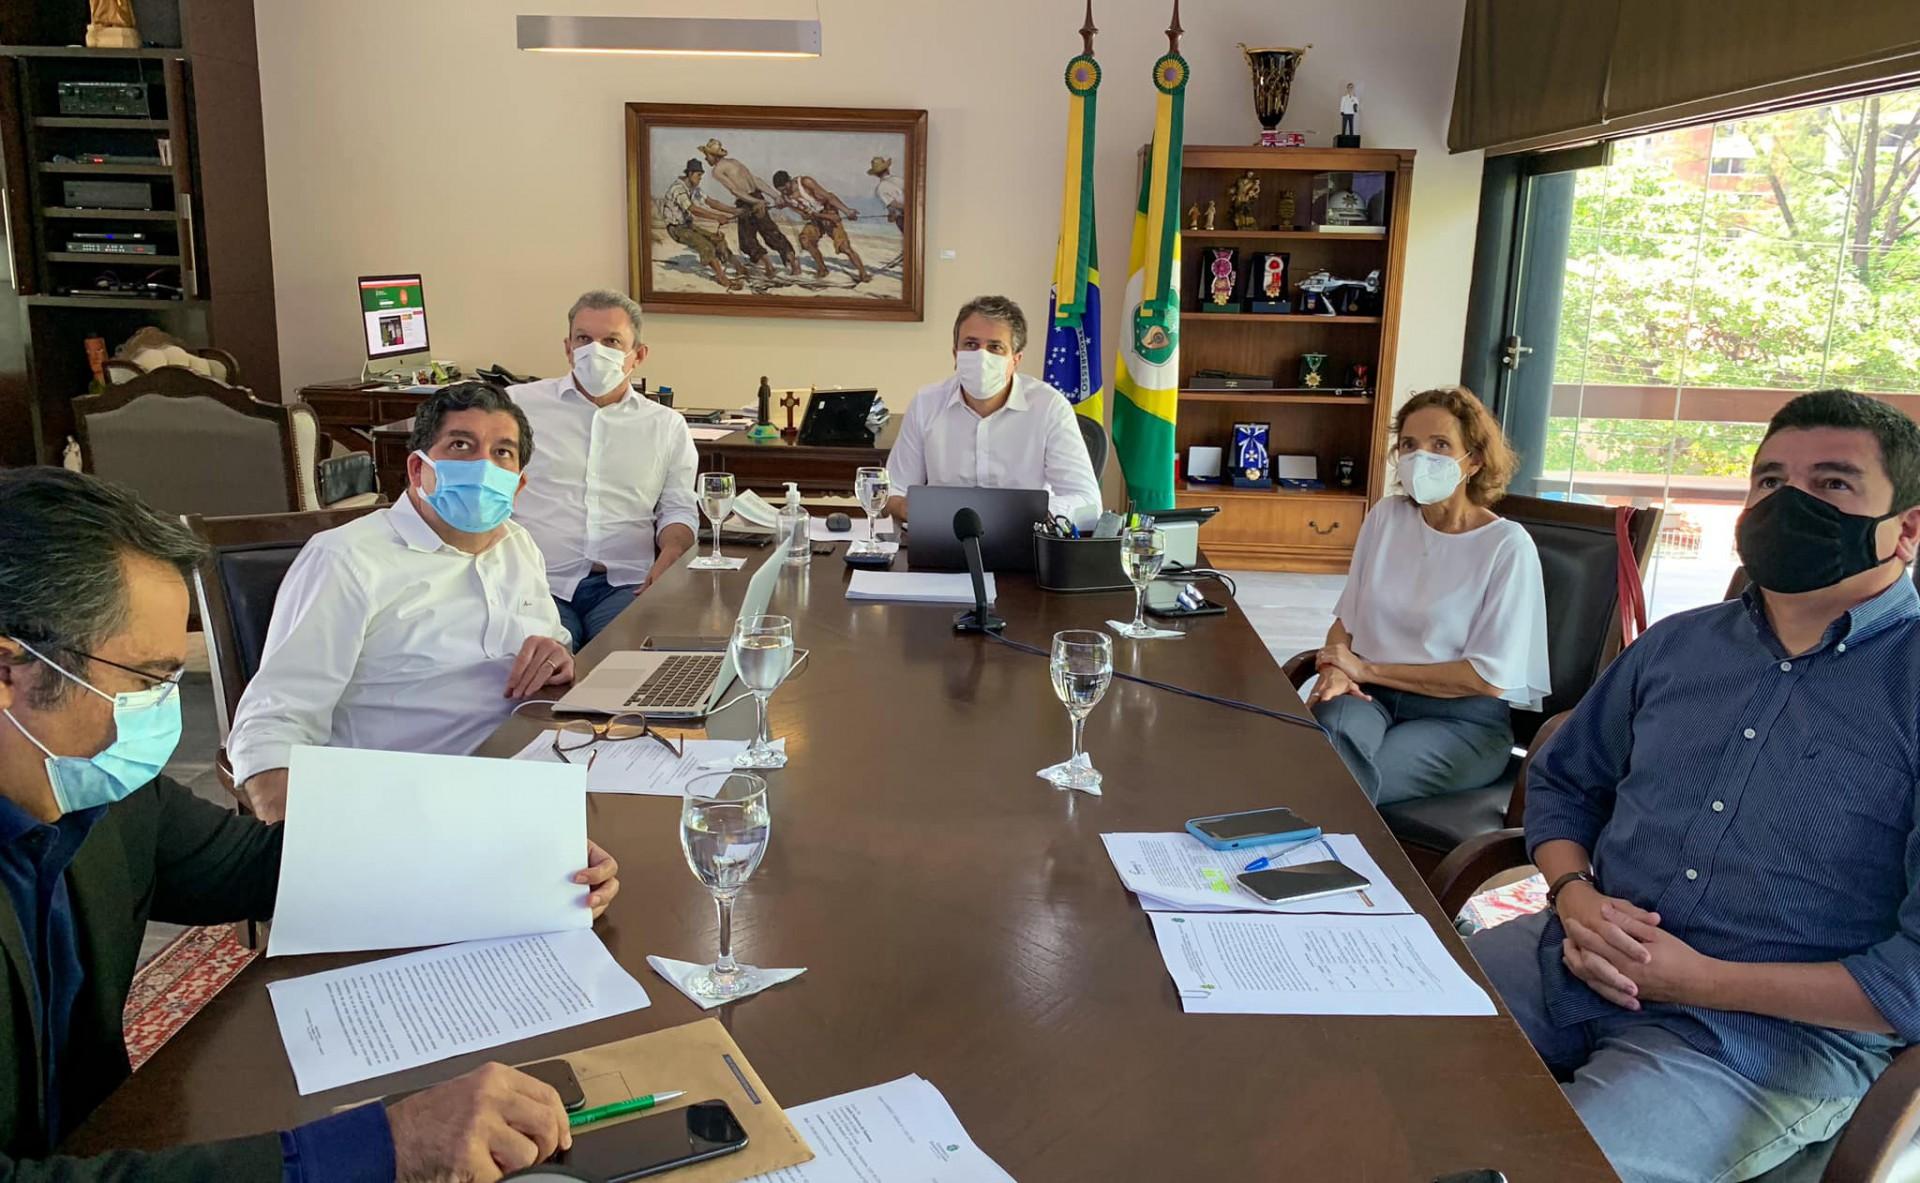 REUNIÃO do Comitê Estadual de Enfrentamento à Pandemia foi realizada ontem (Foto: Reprodução Facebook)